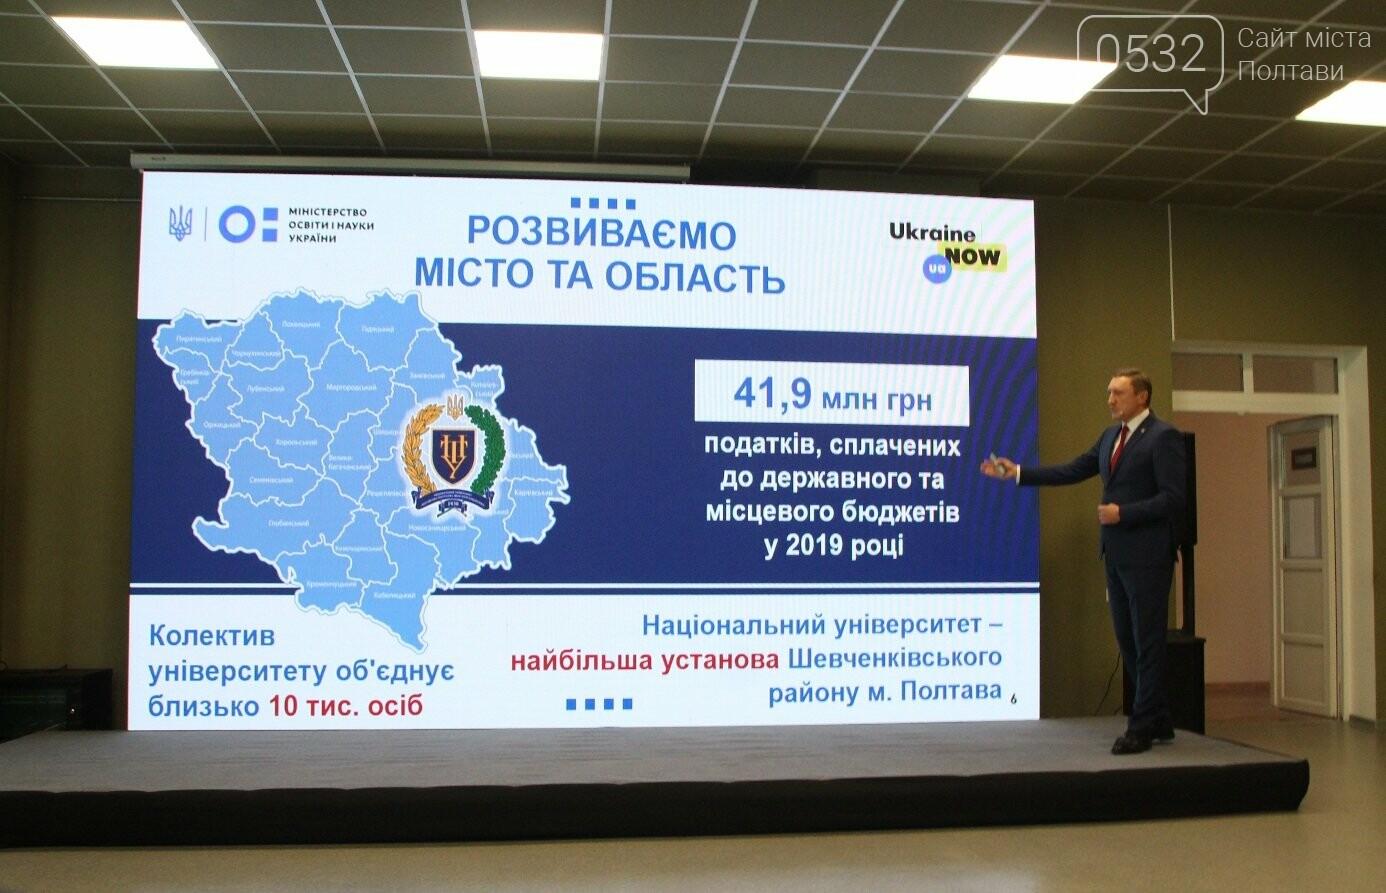 Полтавський національний технічний університет імені Юрія Кондратюка став «Полтавською політехнікою», фото-5